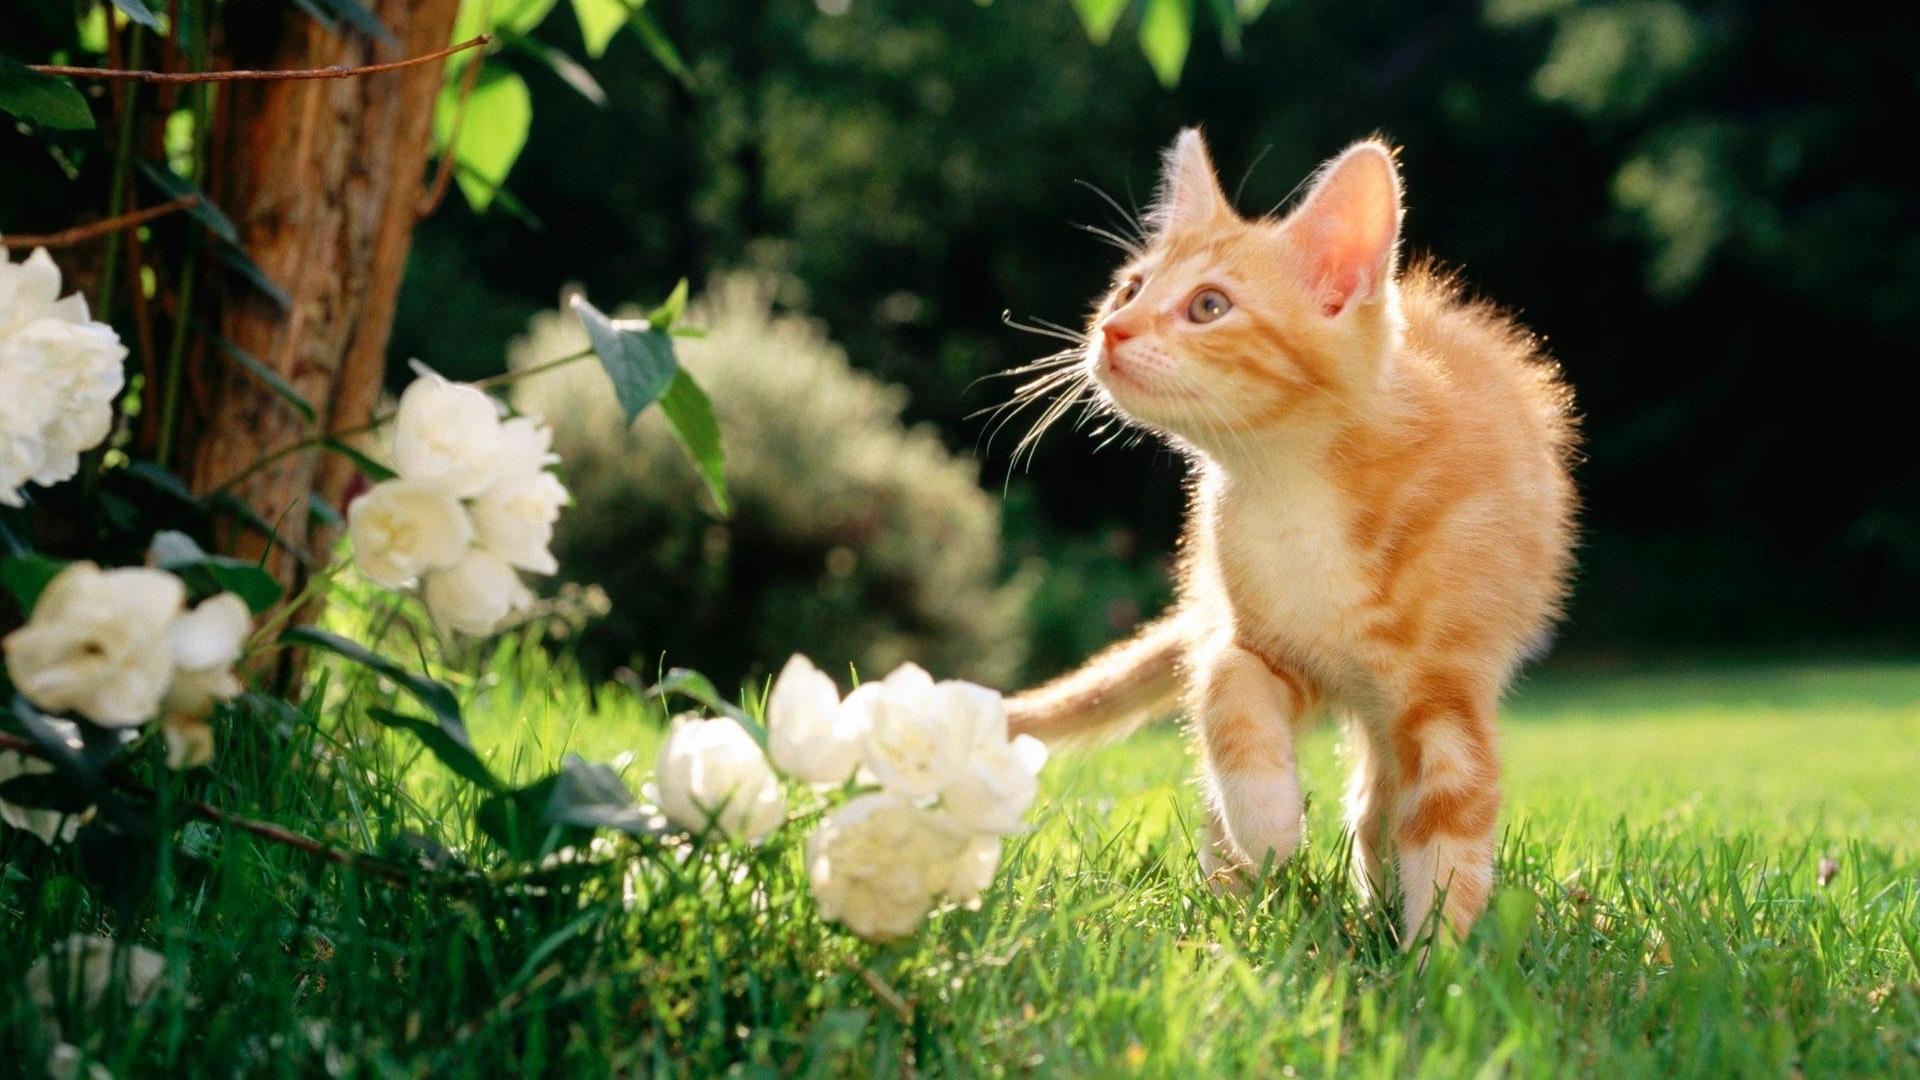 рыжий котенок гуляет по траве, зеленая травка, скачать фото